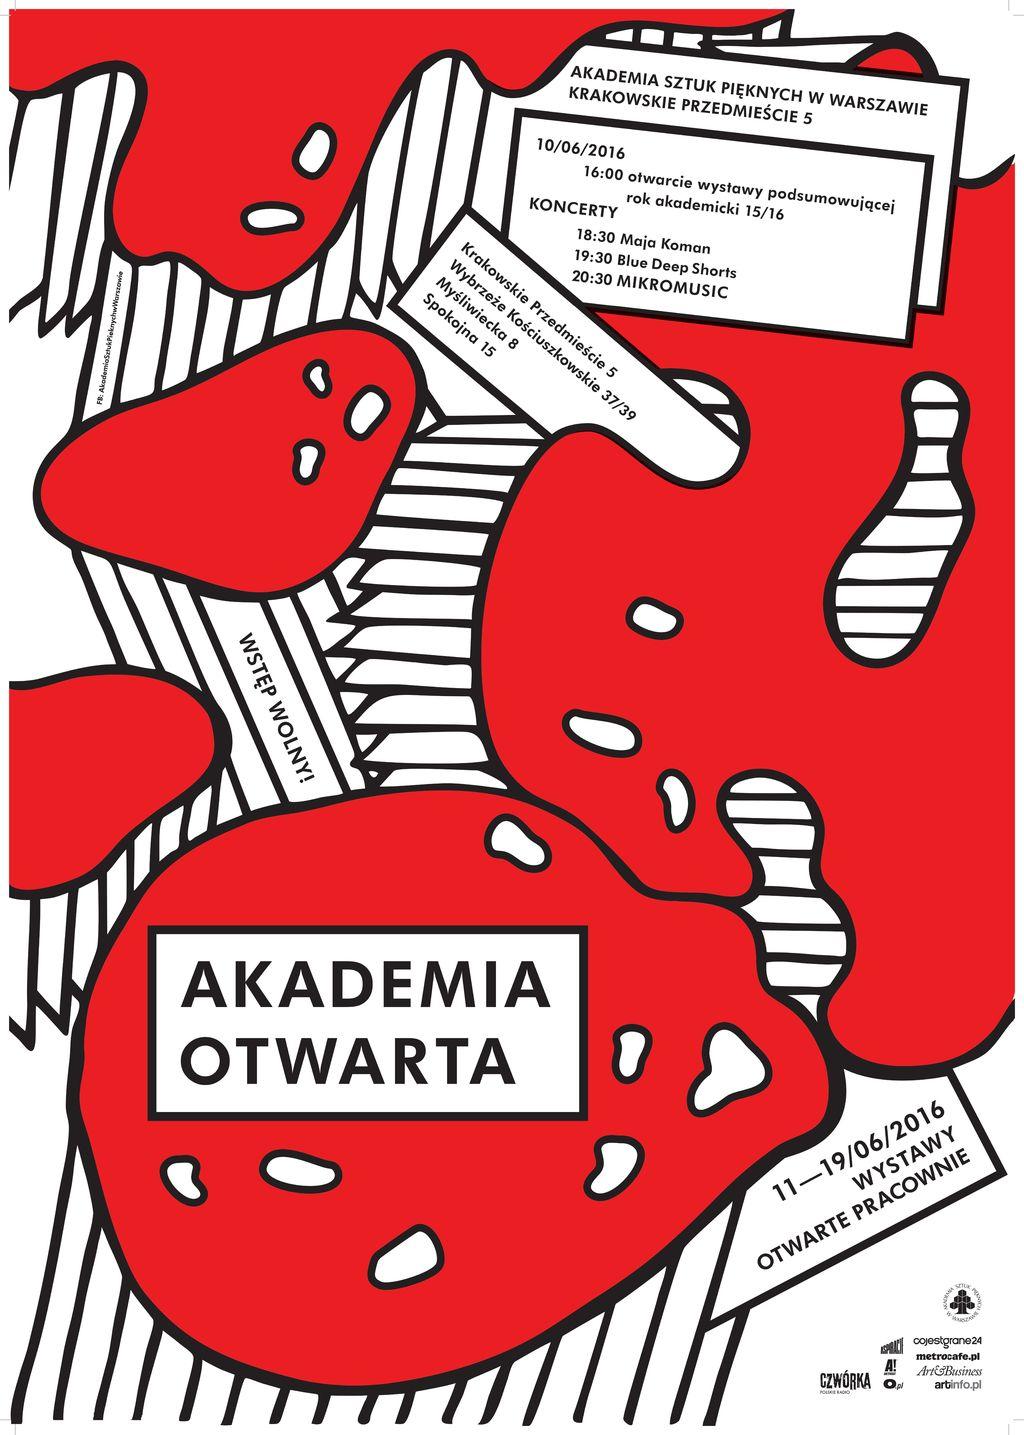 B2_Poster_Akademia_Otwarta16_683